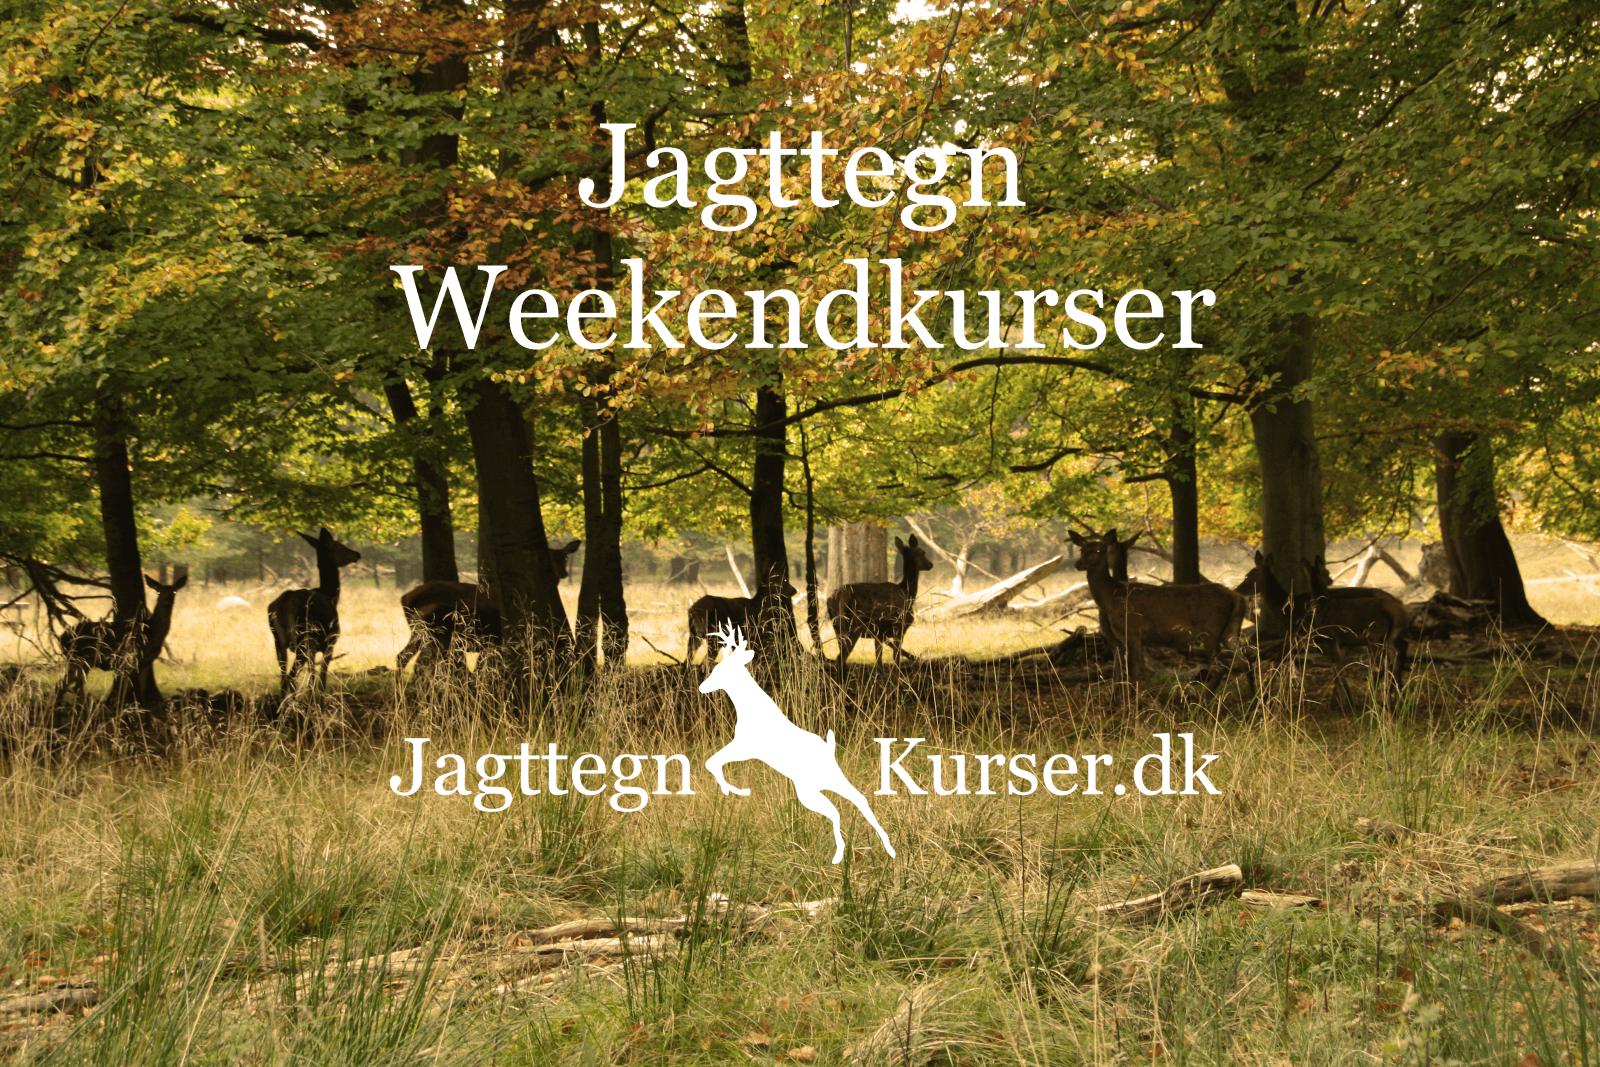 Lækker Jagttegn Weekendkursus 2020 | Foregår over 2 Weekender GJ-27